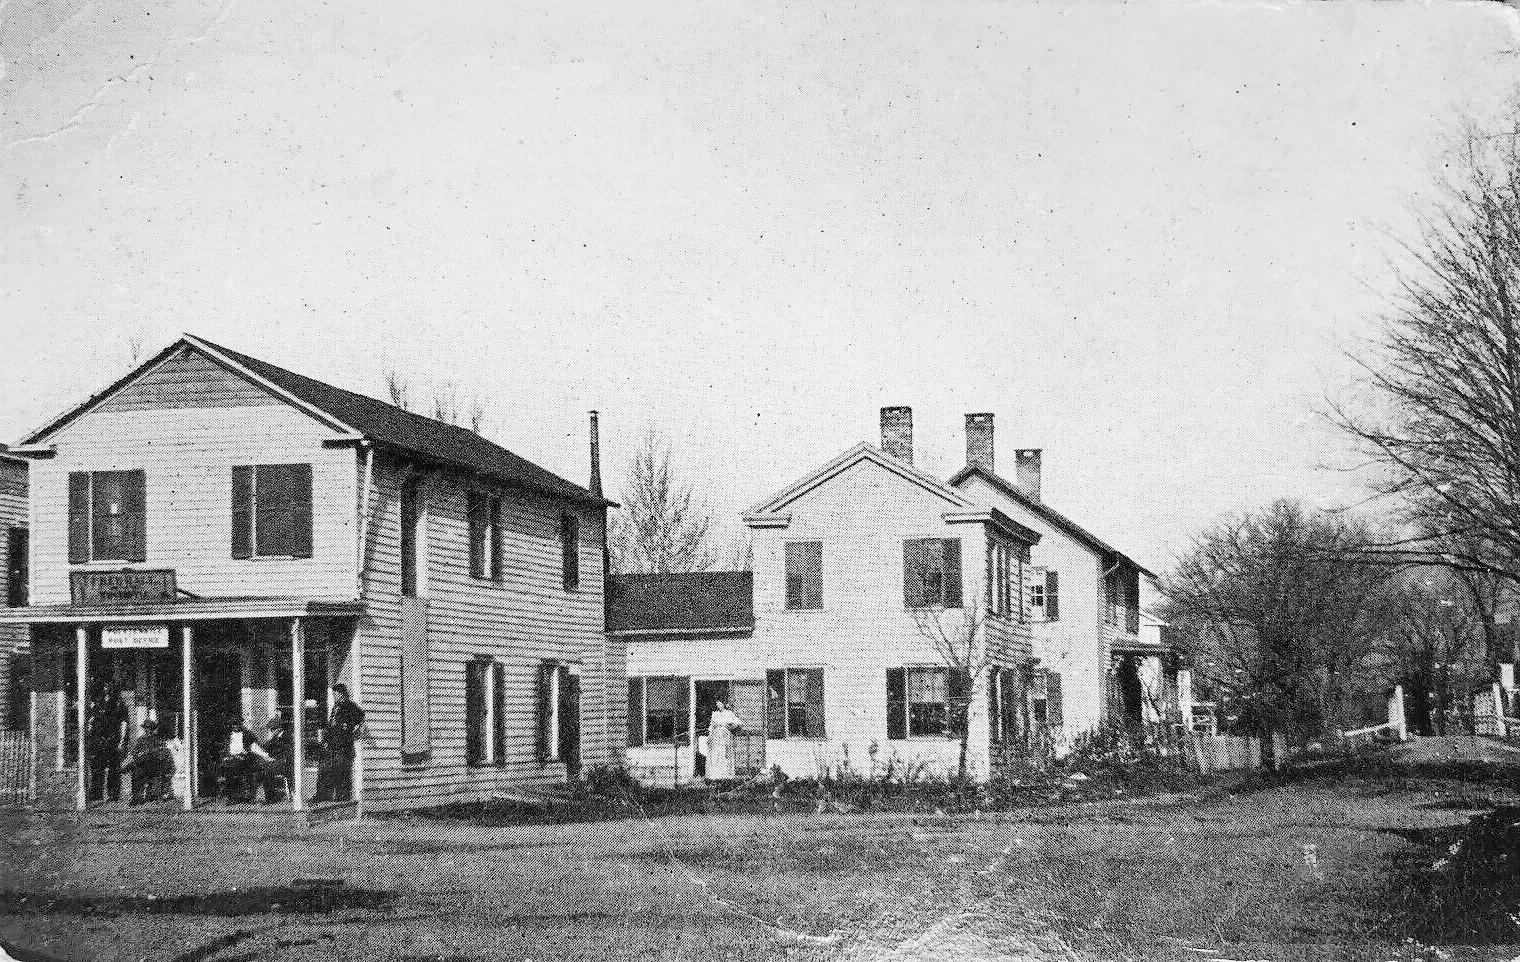 Bridge Ave, Poestenkill NY, Rensselaer County c 1912